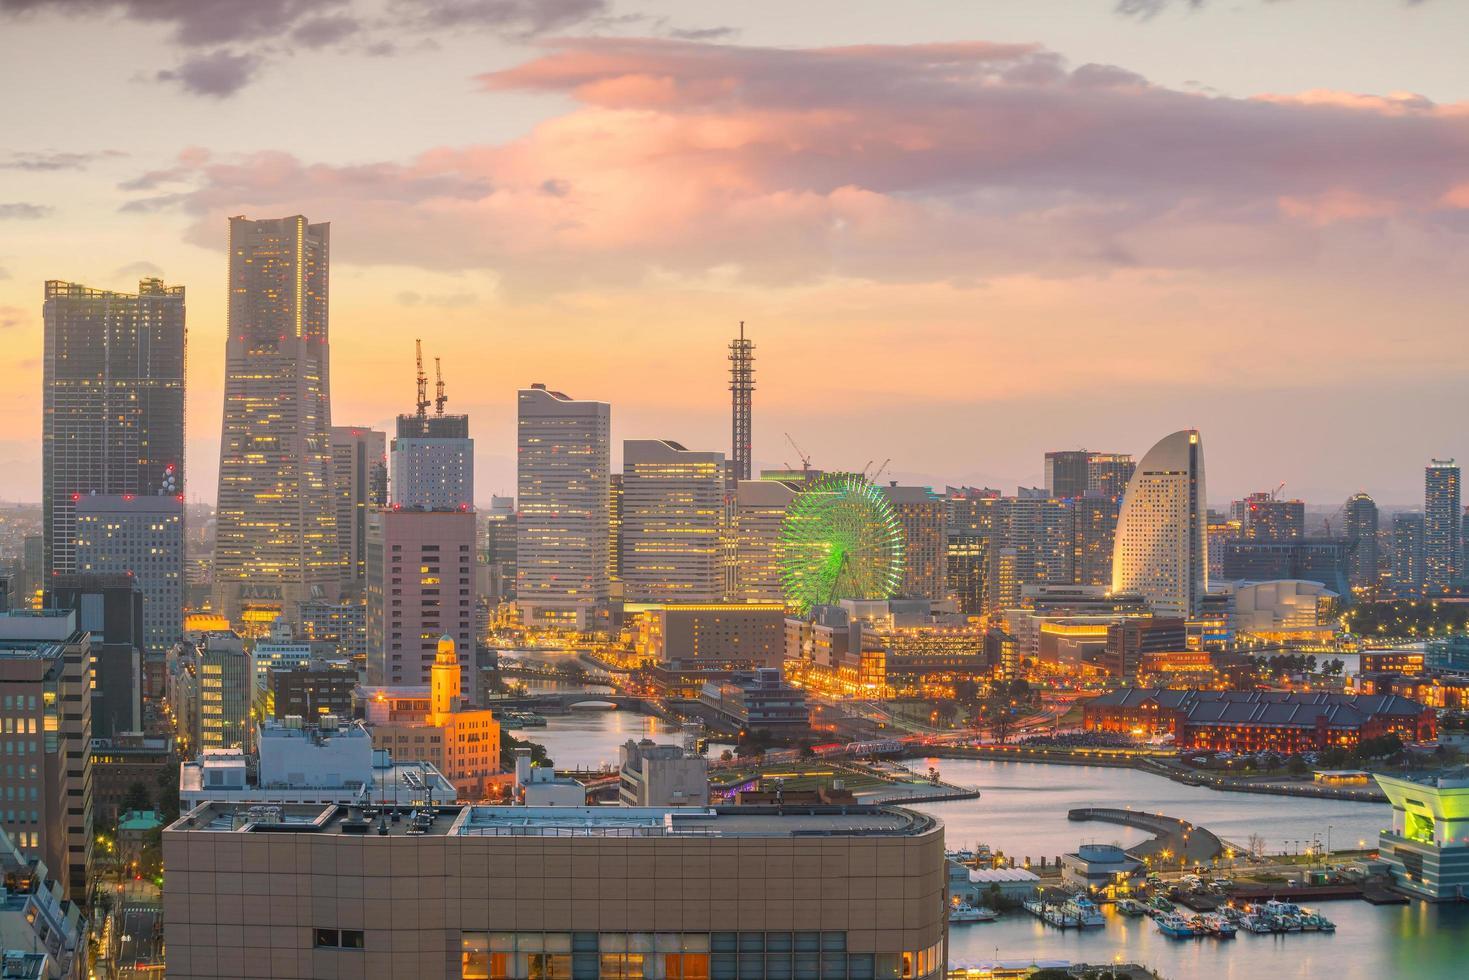 ciudad de yokohama, japón foto